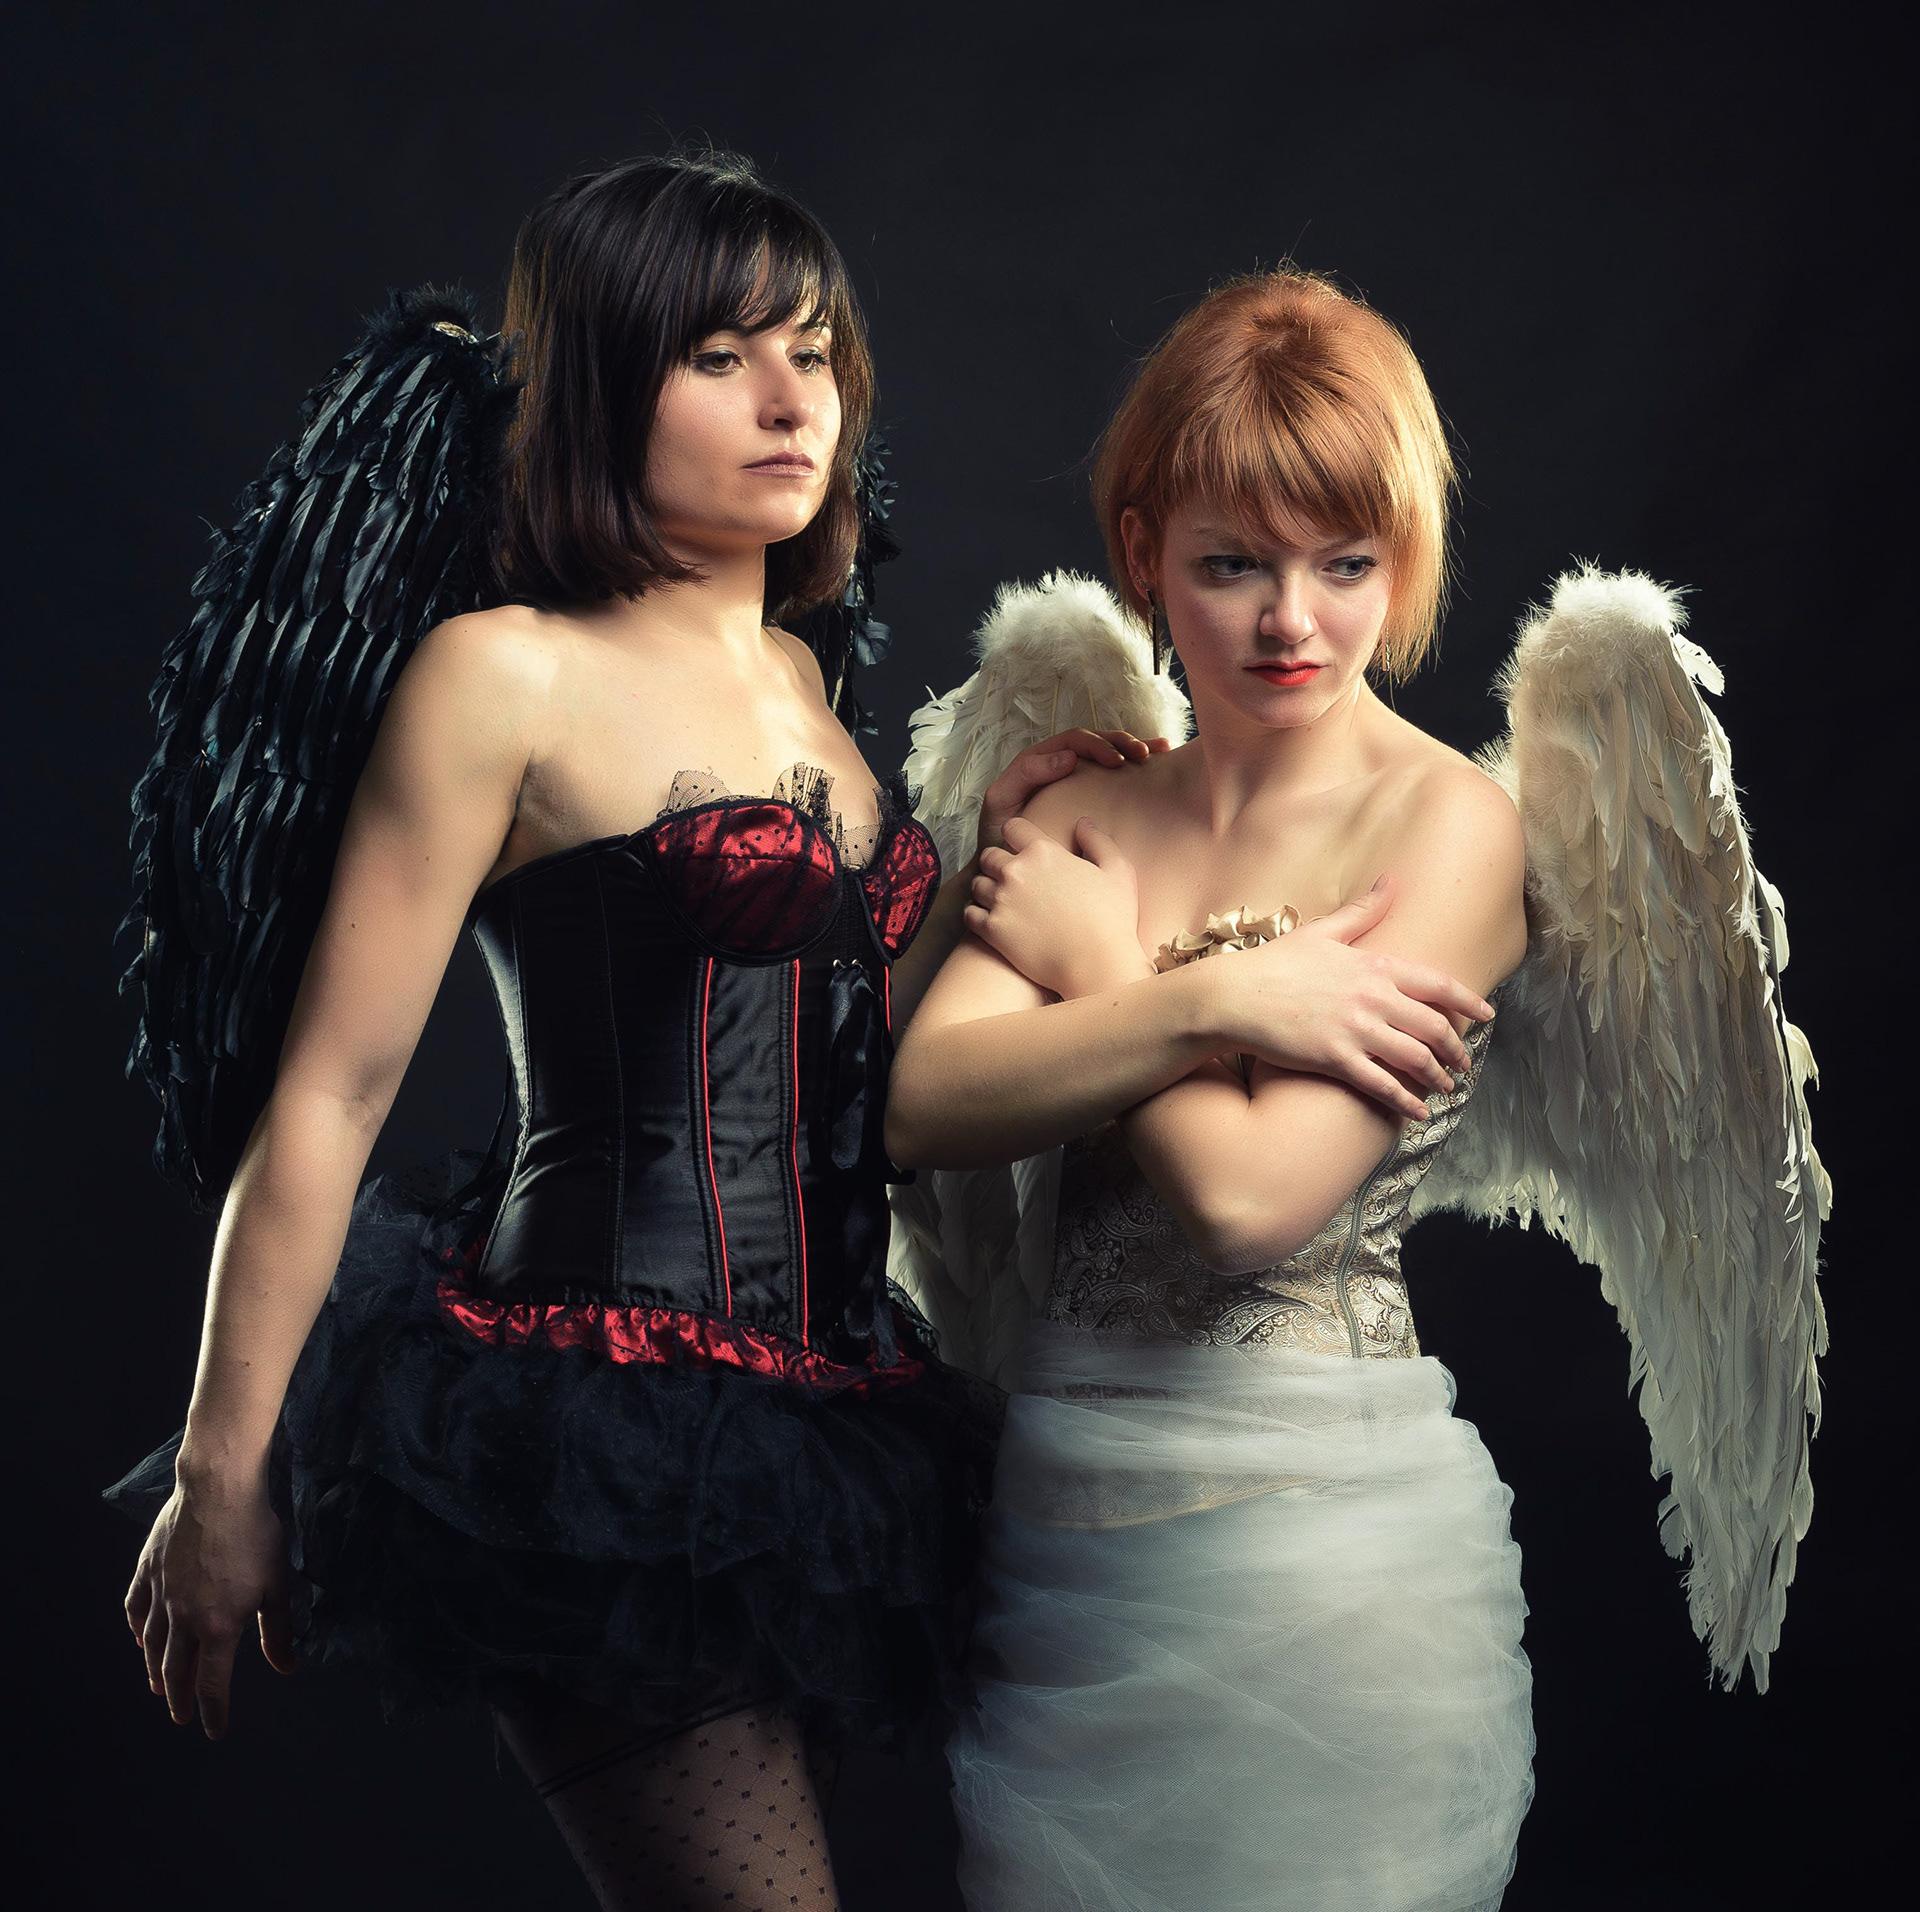 фото ангел и бес считаете была